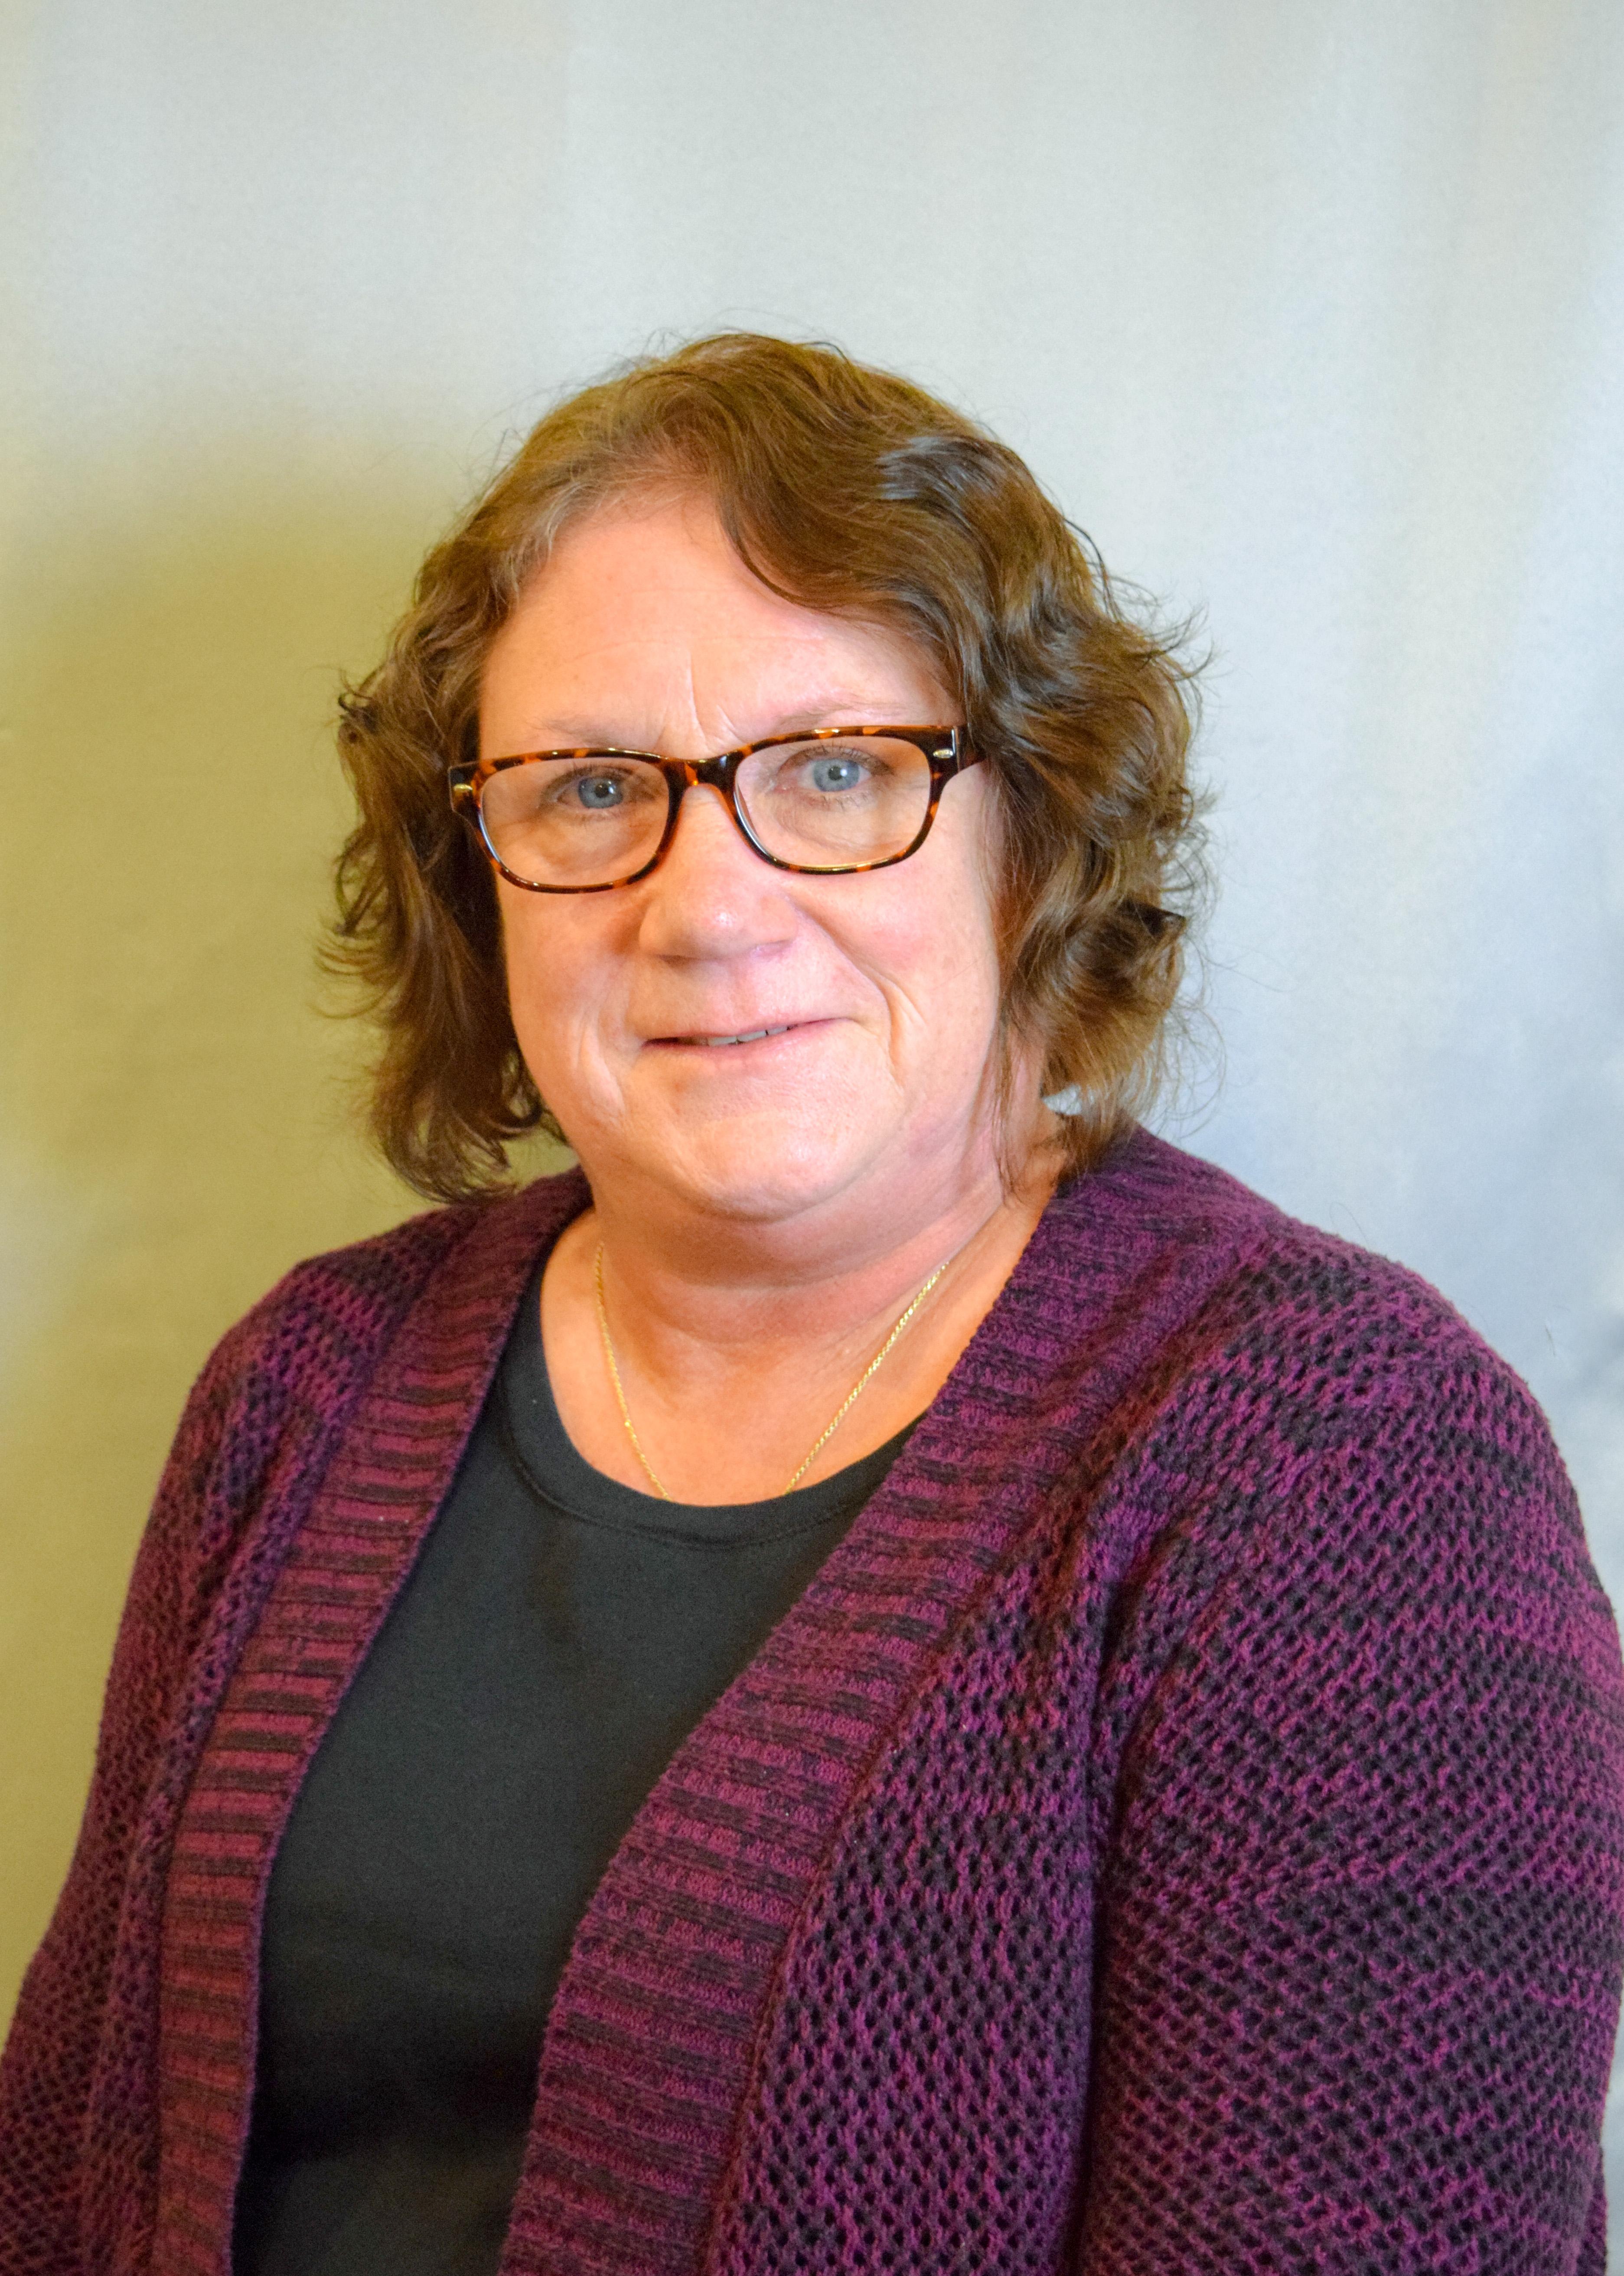 JoAnn Mueller